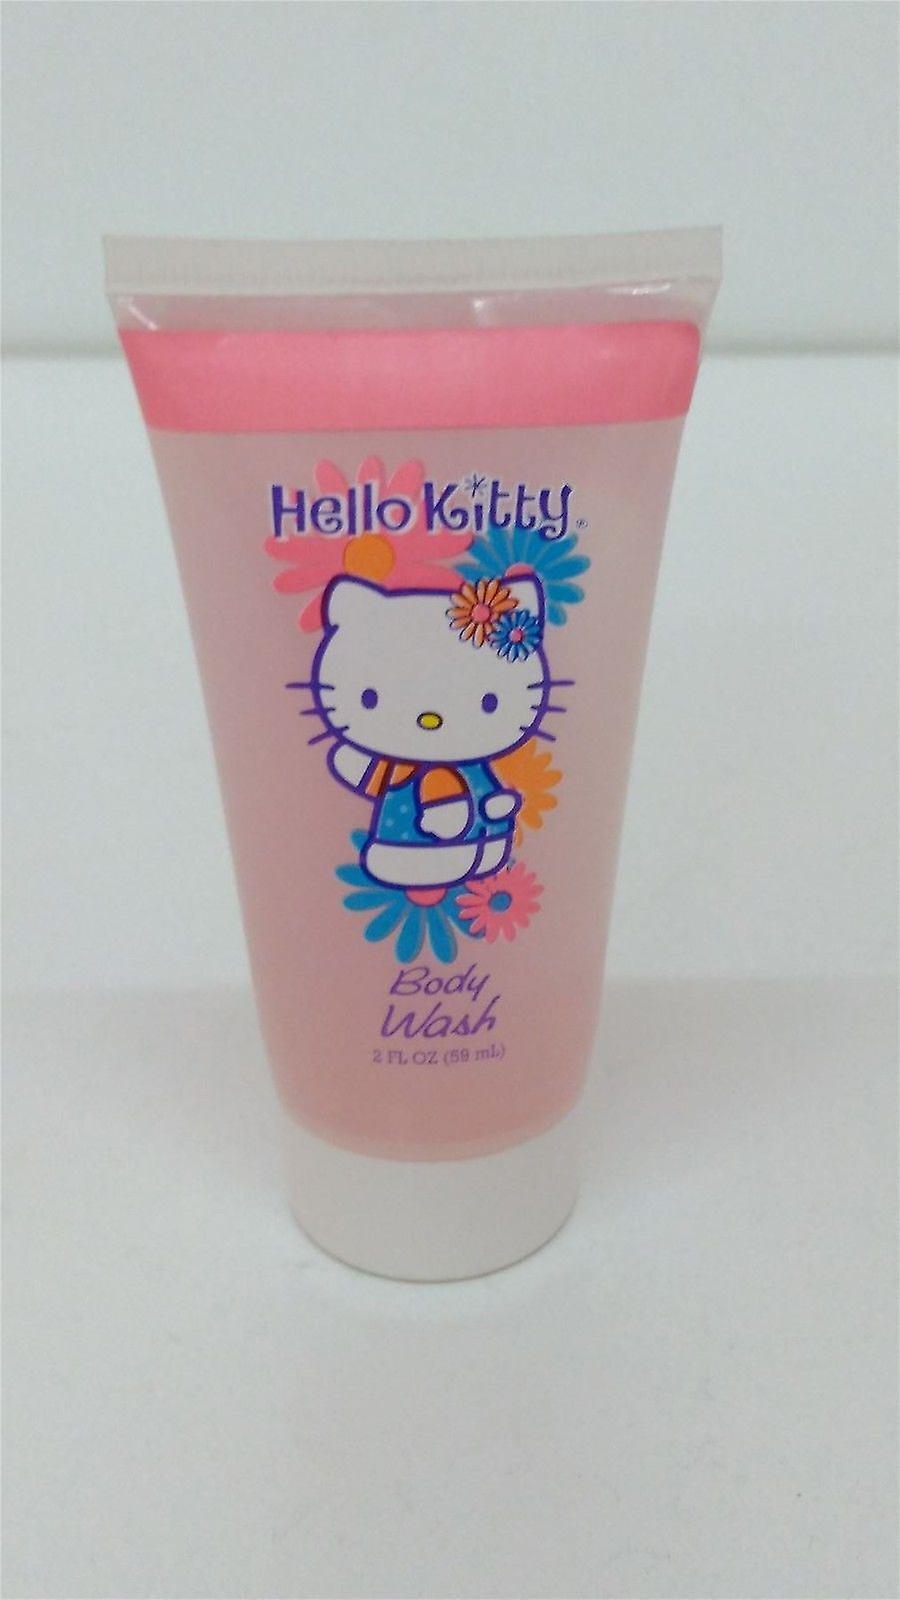 Joblot 33 Hello Kitty kroppsvask reise størrelse 33x59ml Carboot markedet